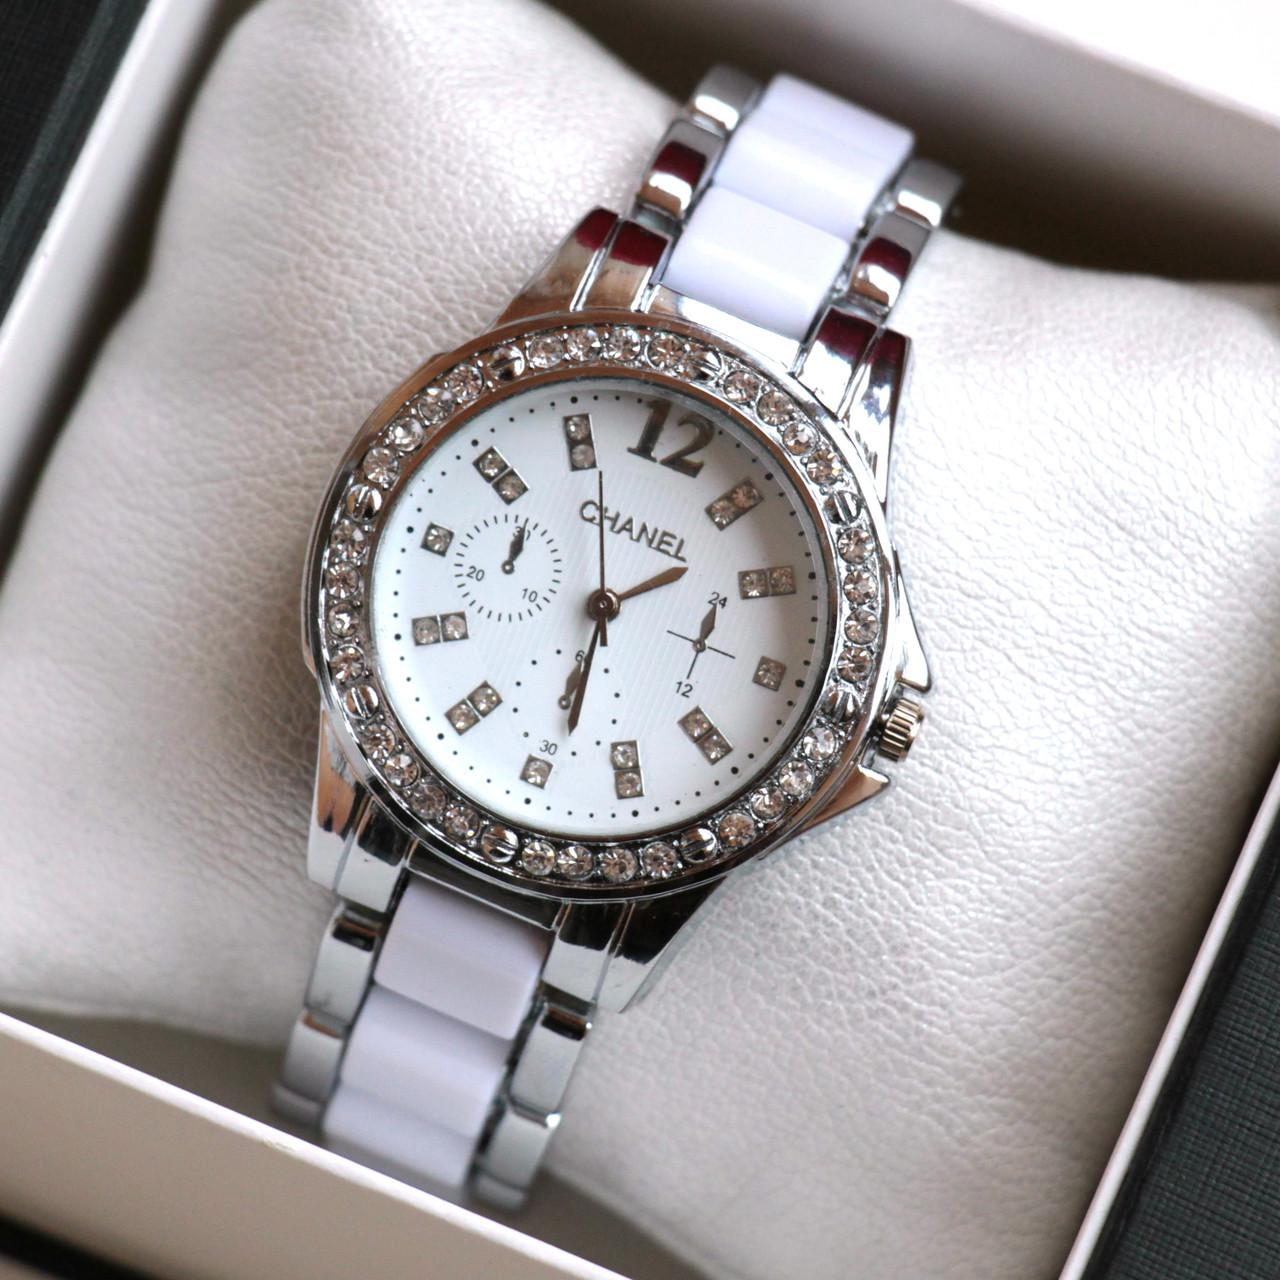 Часы ручные женские купить недорого часы самсунг frontier купить